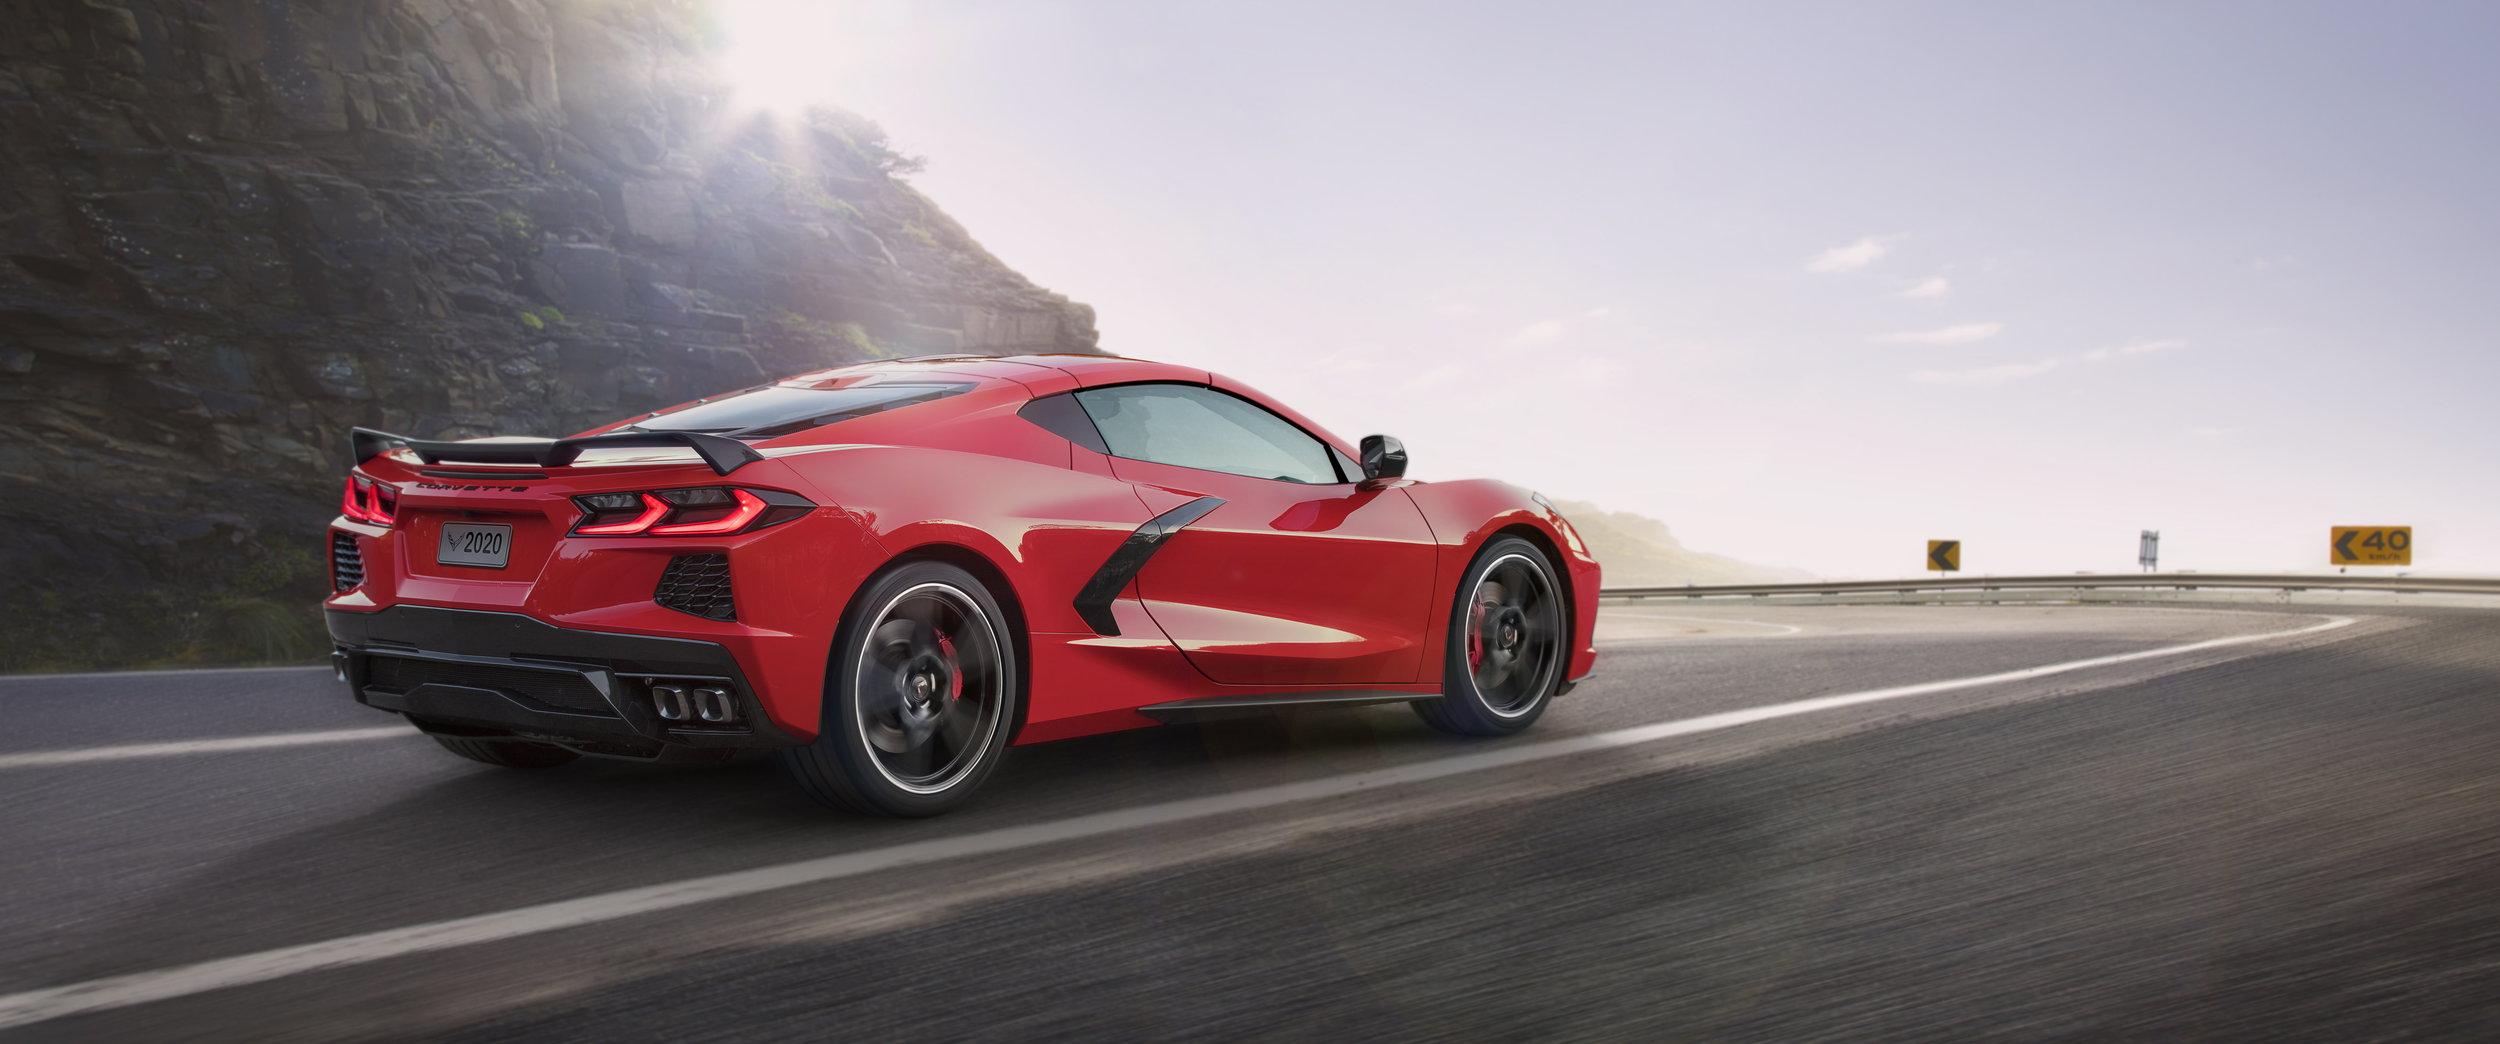 2020-Chevrolet-Corvette-Stingray-002.jpg